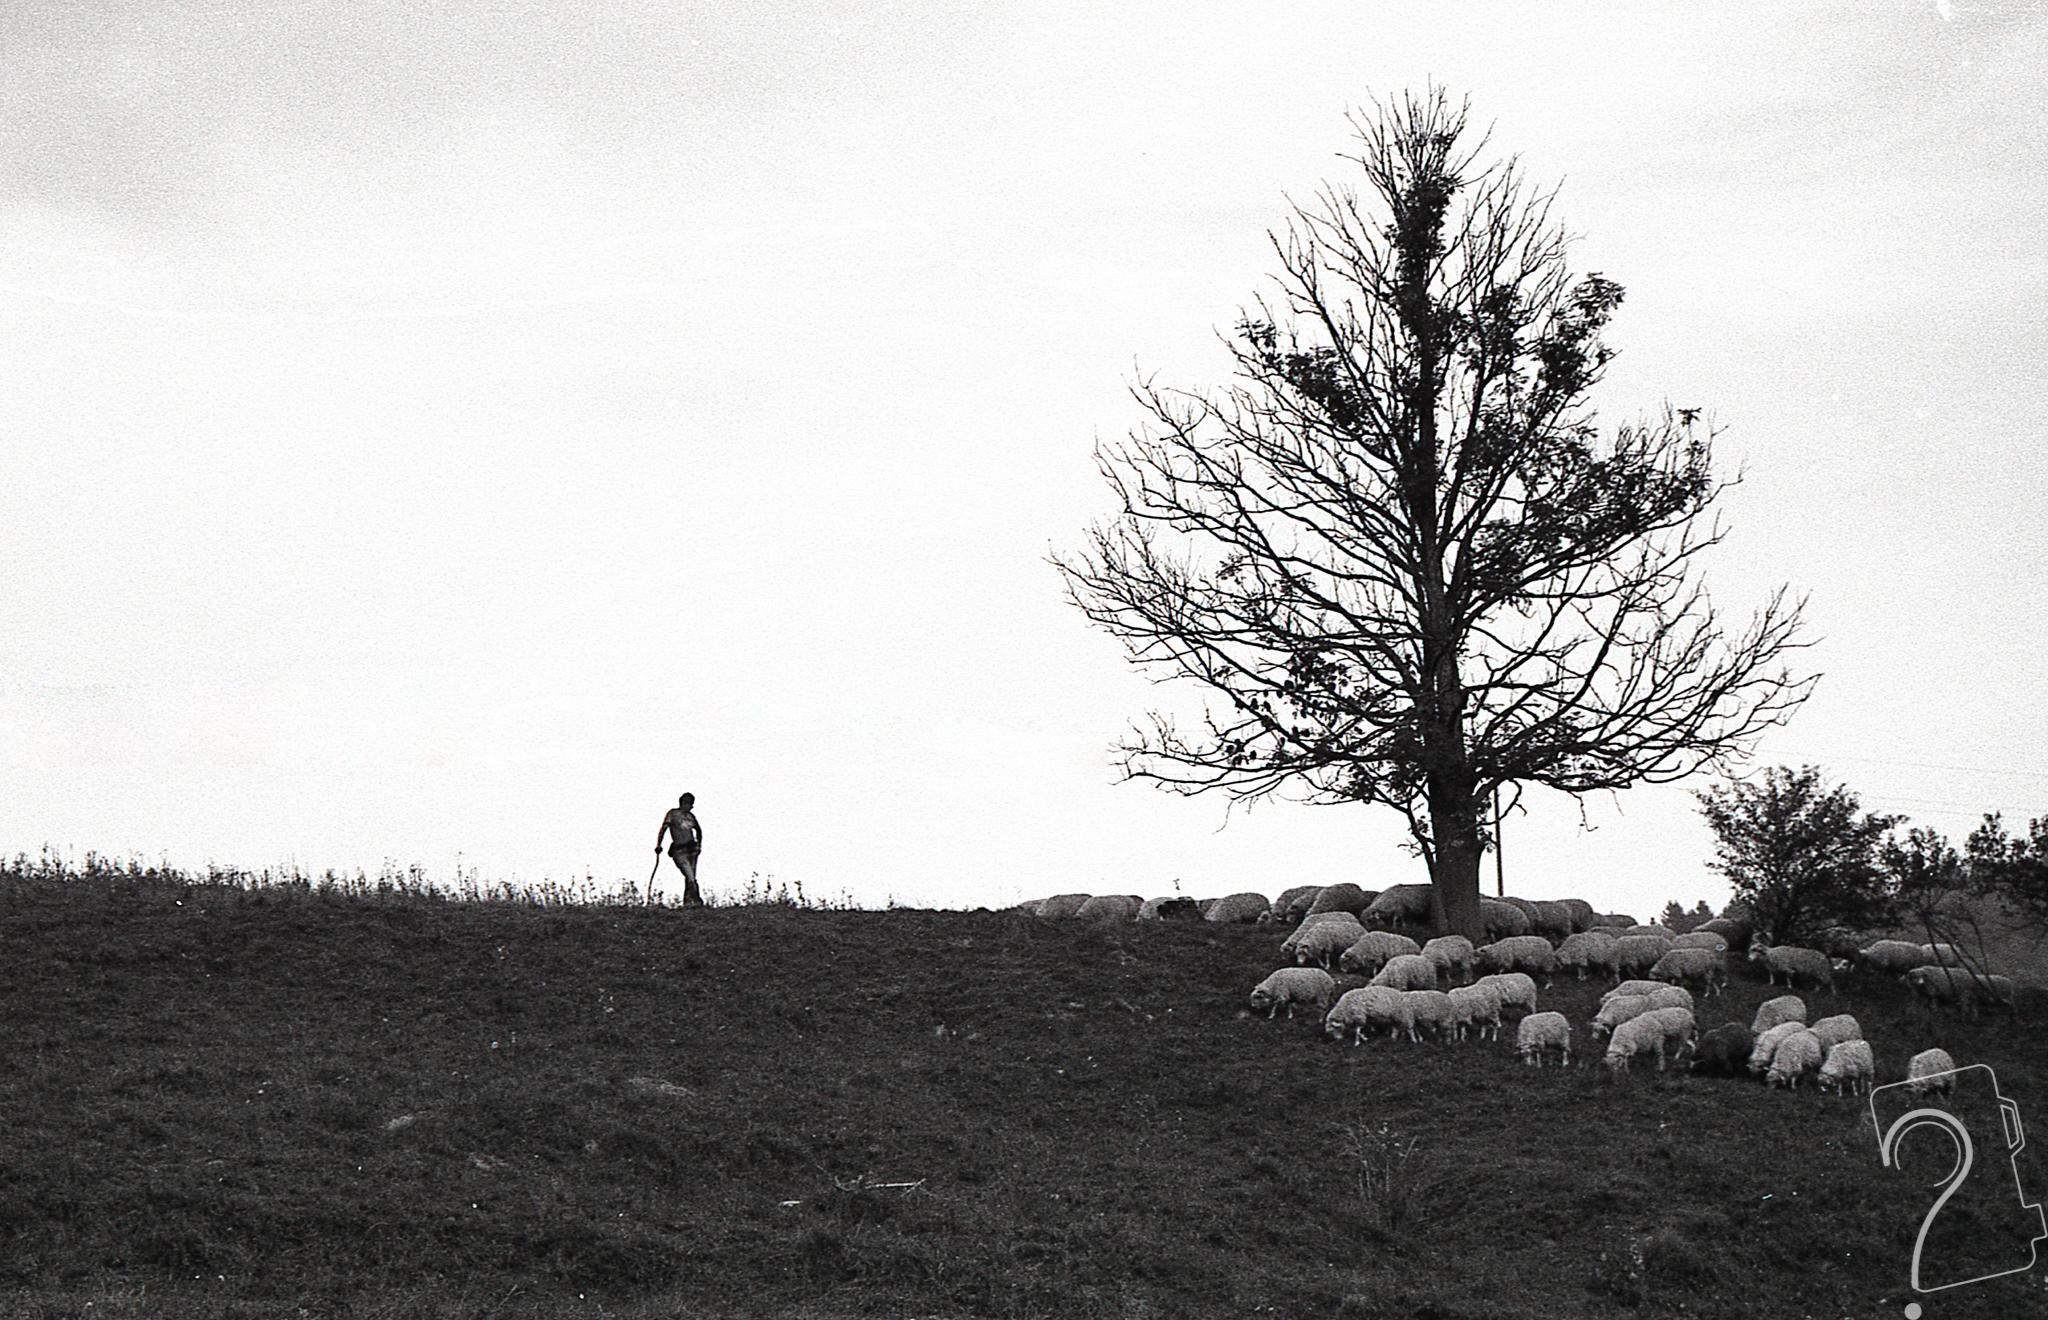 Chyba jednak wyciągnę aparat – Gabriela Komorowska